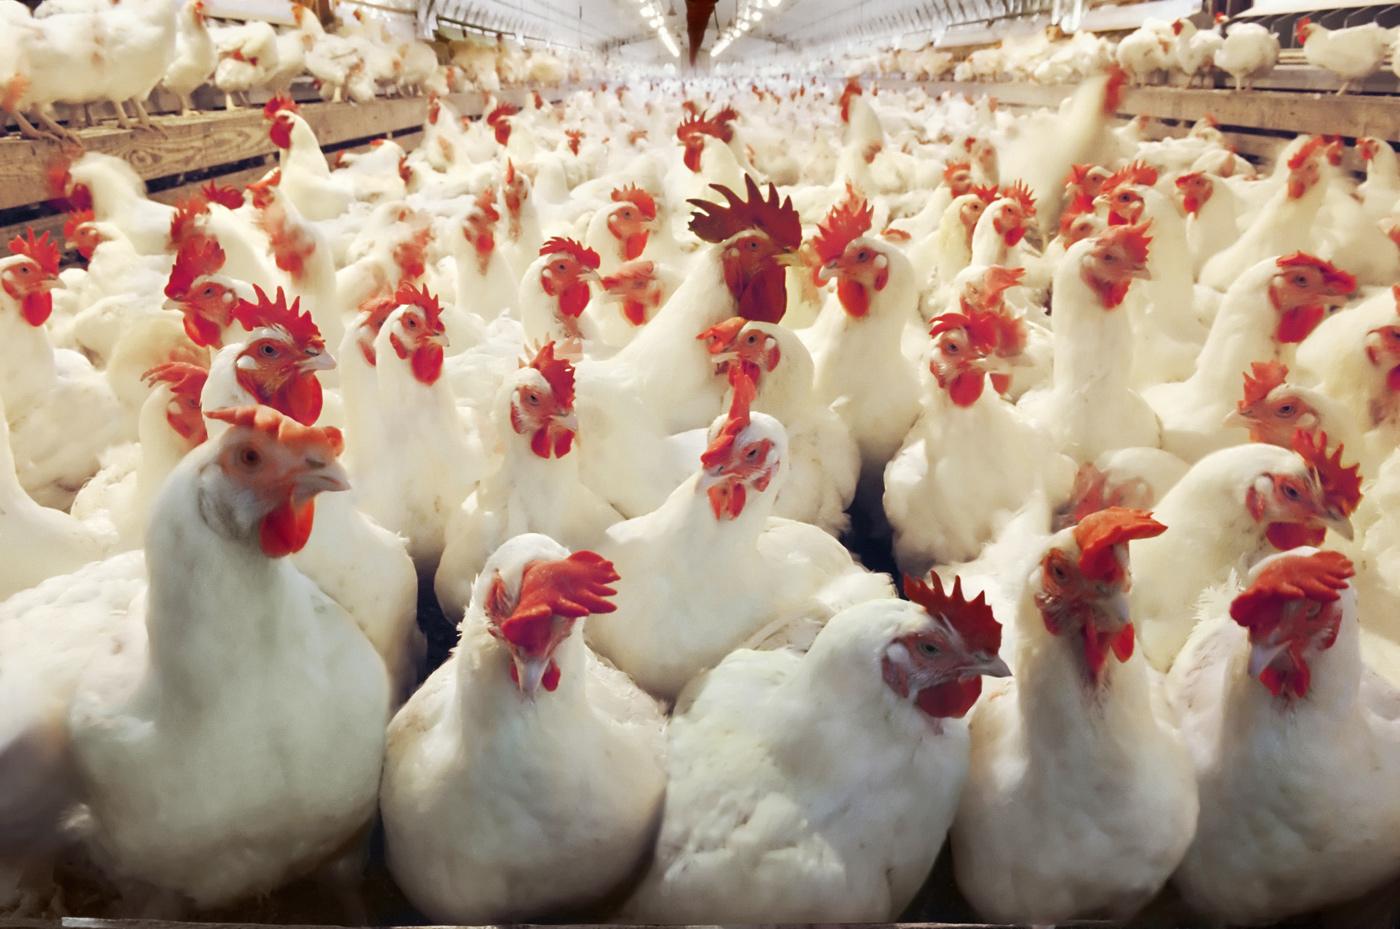 Πτηνοτροφία: Παρόν και μέλλον